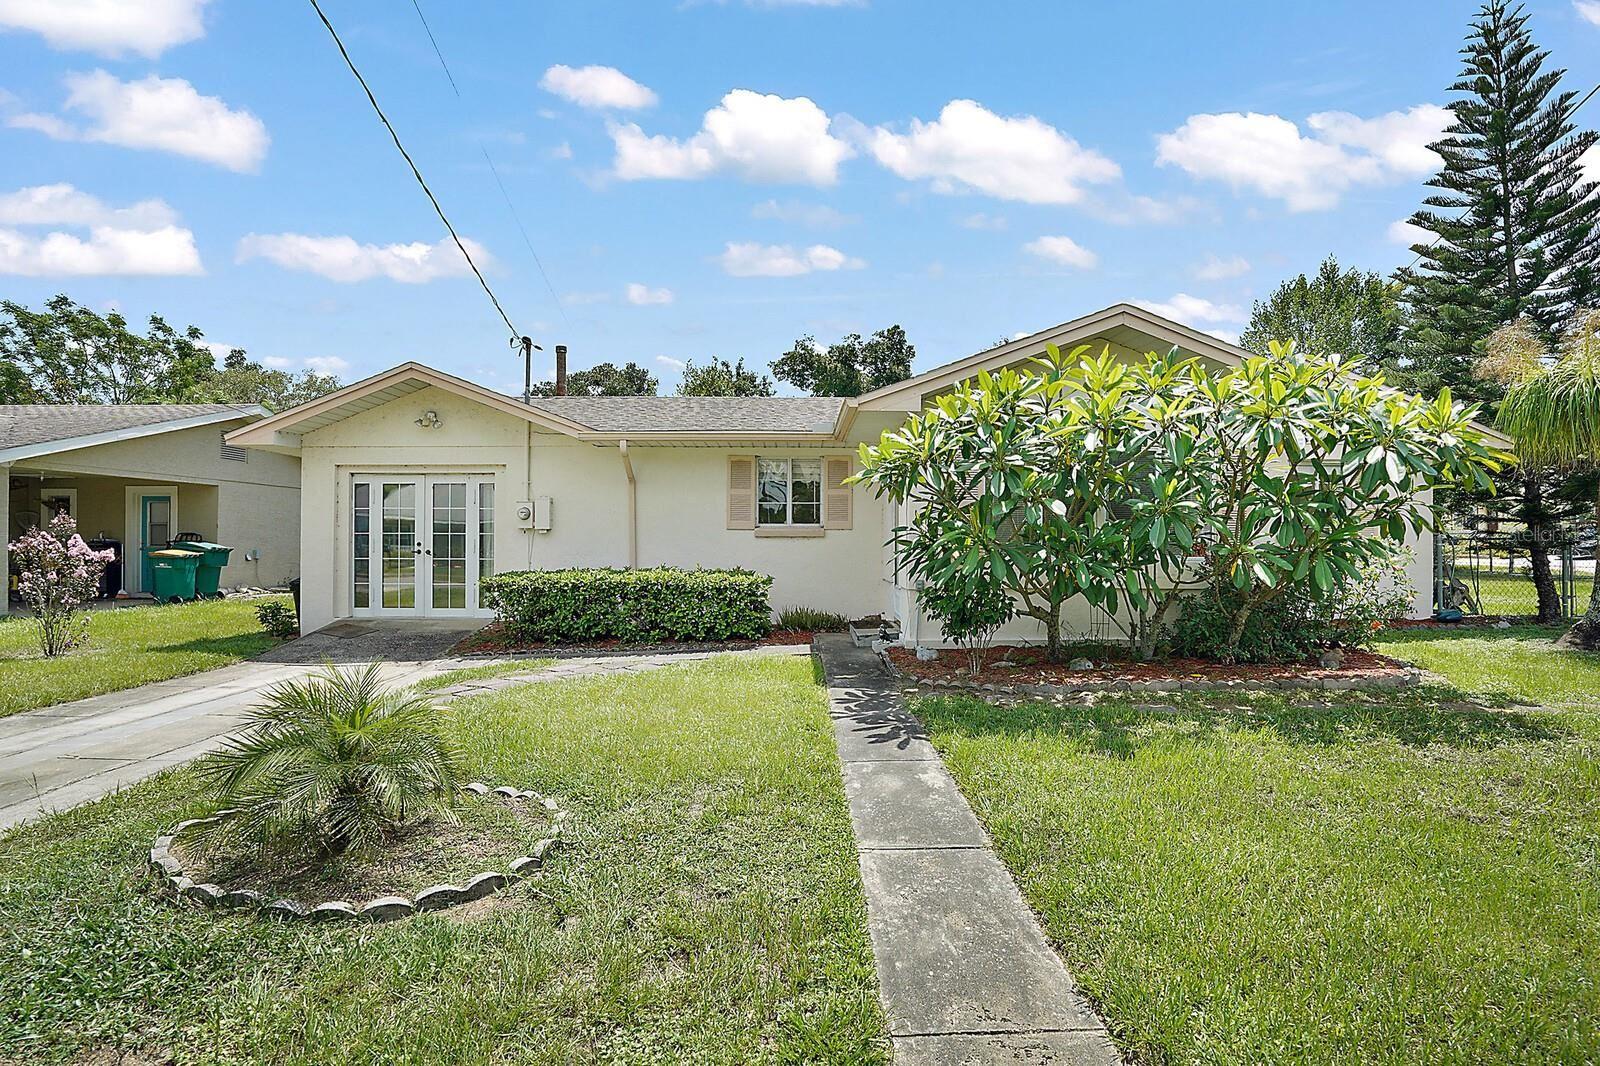 1025 S CENTER STREET, Eustis, FL 32726 - #: O5959979